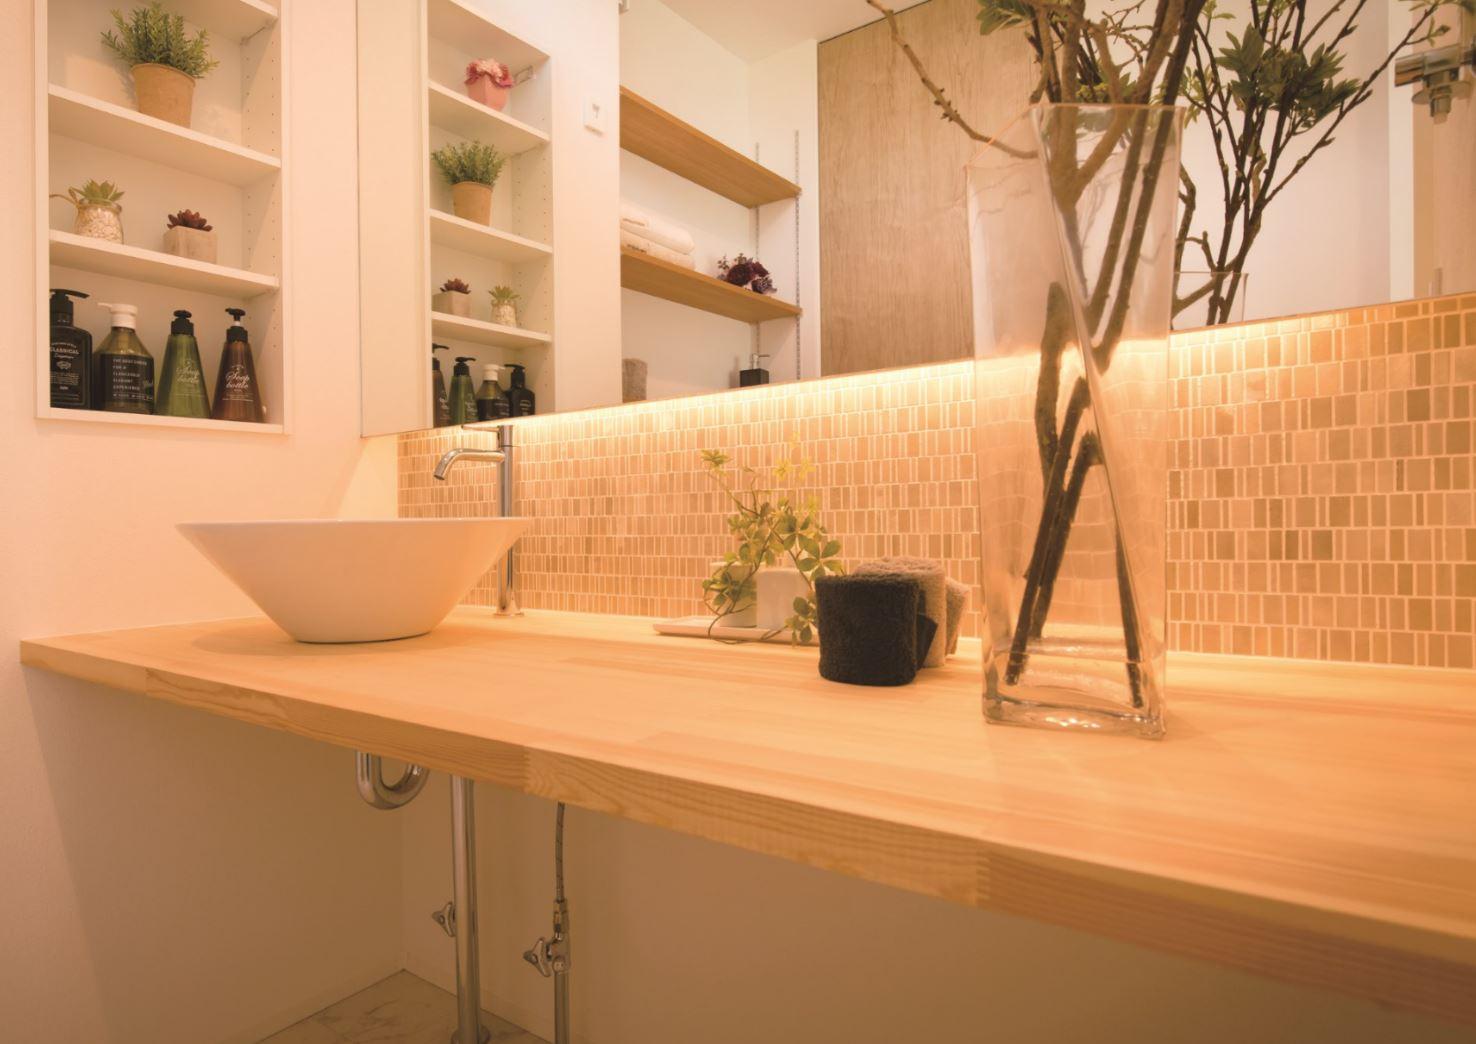 REIWA HOUSE(令和ハウス)【浜松市中区葵西2-18-21・モデルハウス】造作カウンターのドレッシングルーム。背面のミニタイルと間接照明が空間を演出する